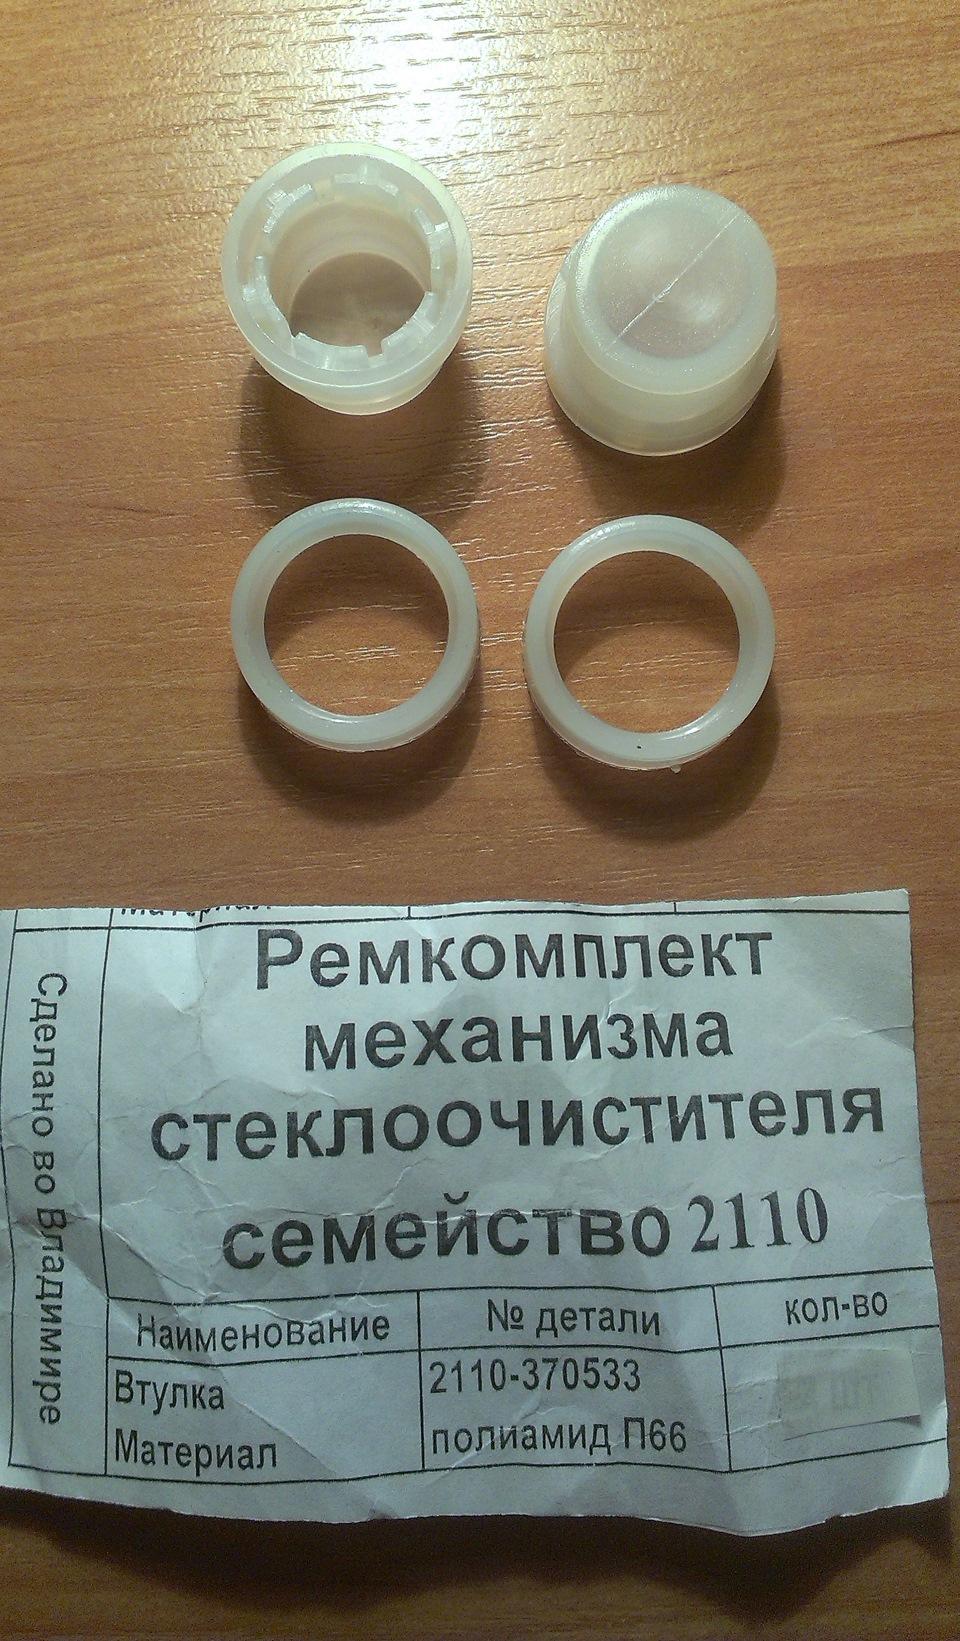 Фото №17 - ремкомплект трапеции стеклоочистителя ВАЗ 2110